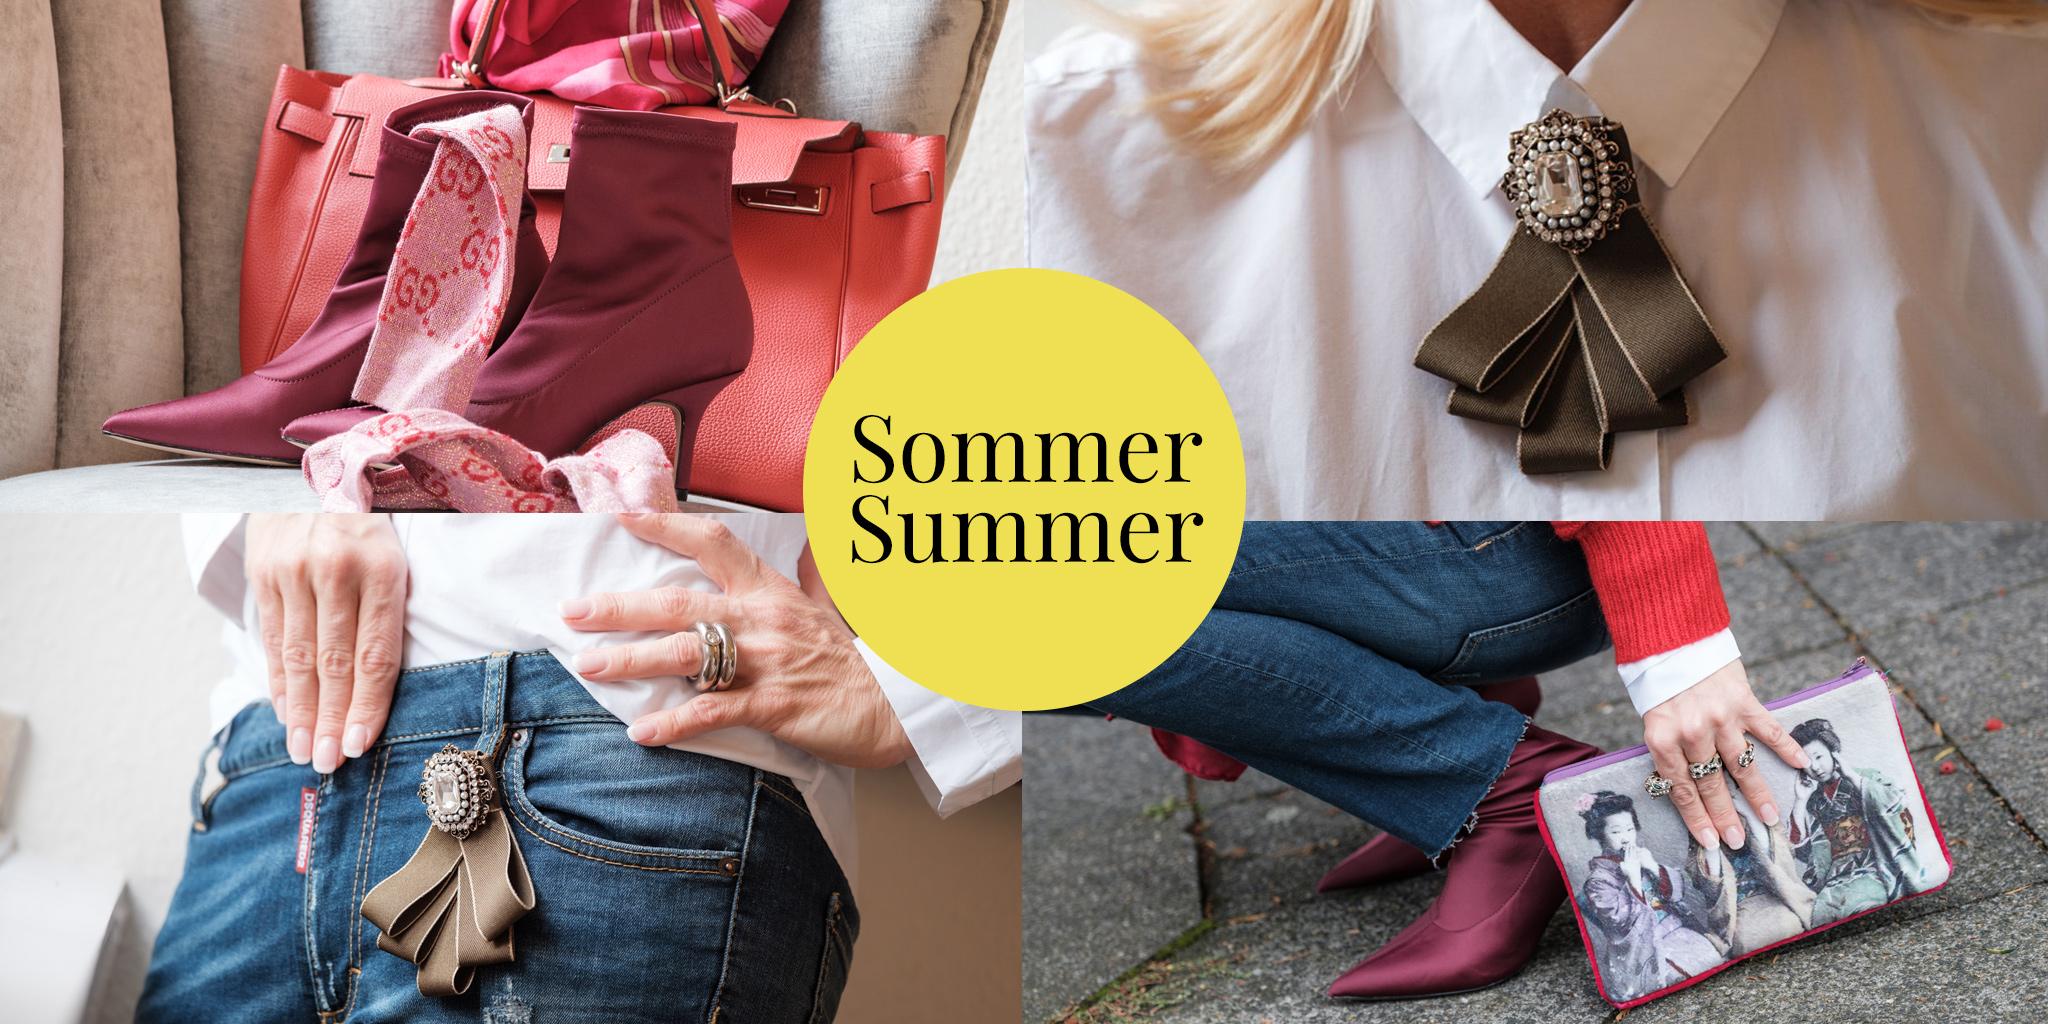 Lieblingsstil Teaser Sommer / Summer